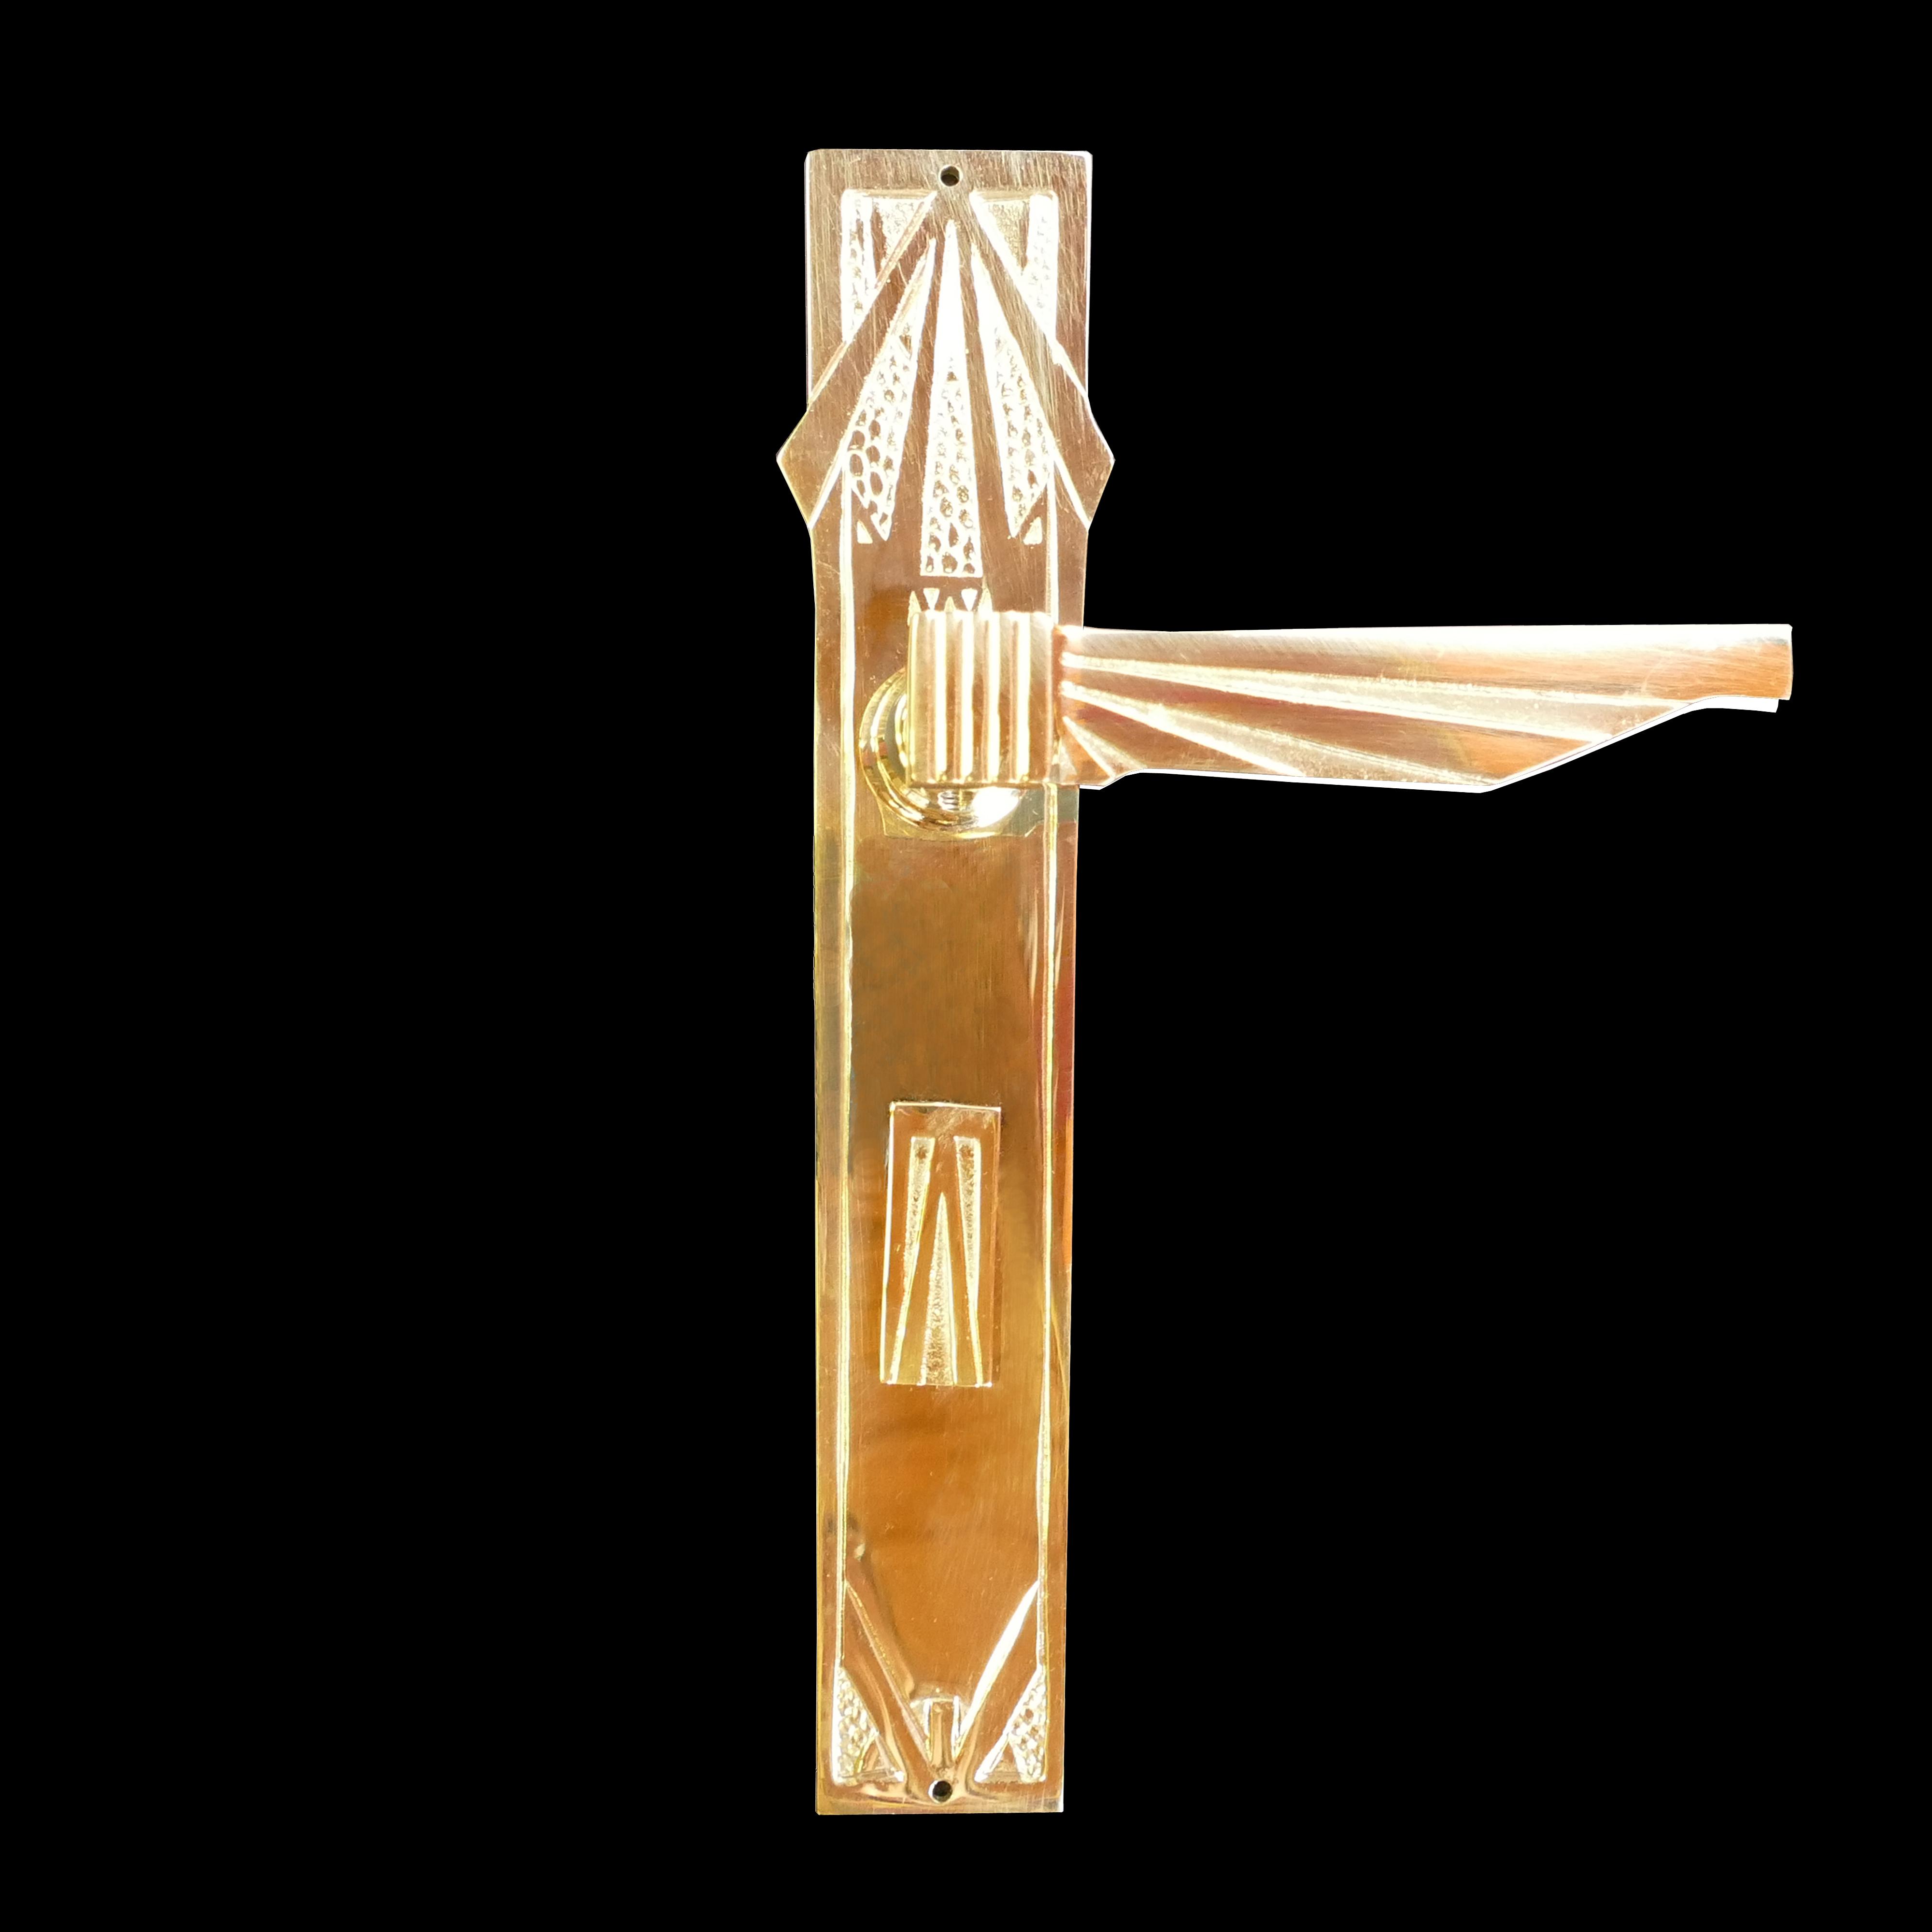 Langschildgarnitur- antike Türdrücker, Türklinken, Türbeschläge